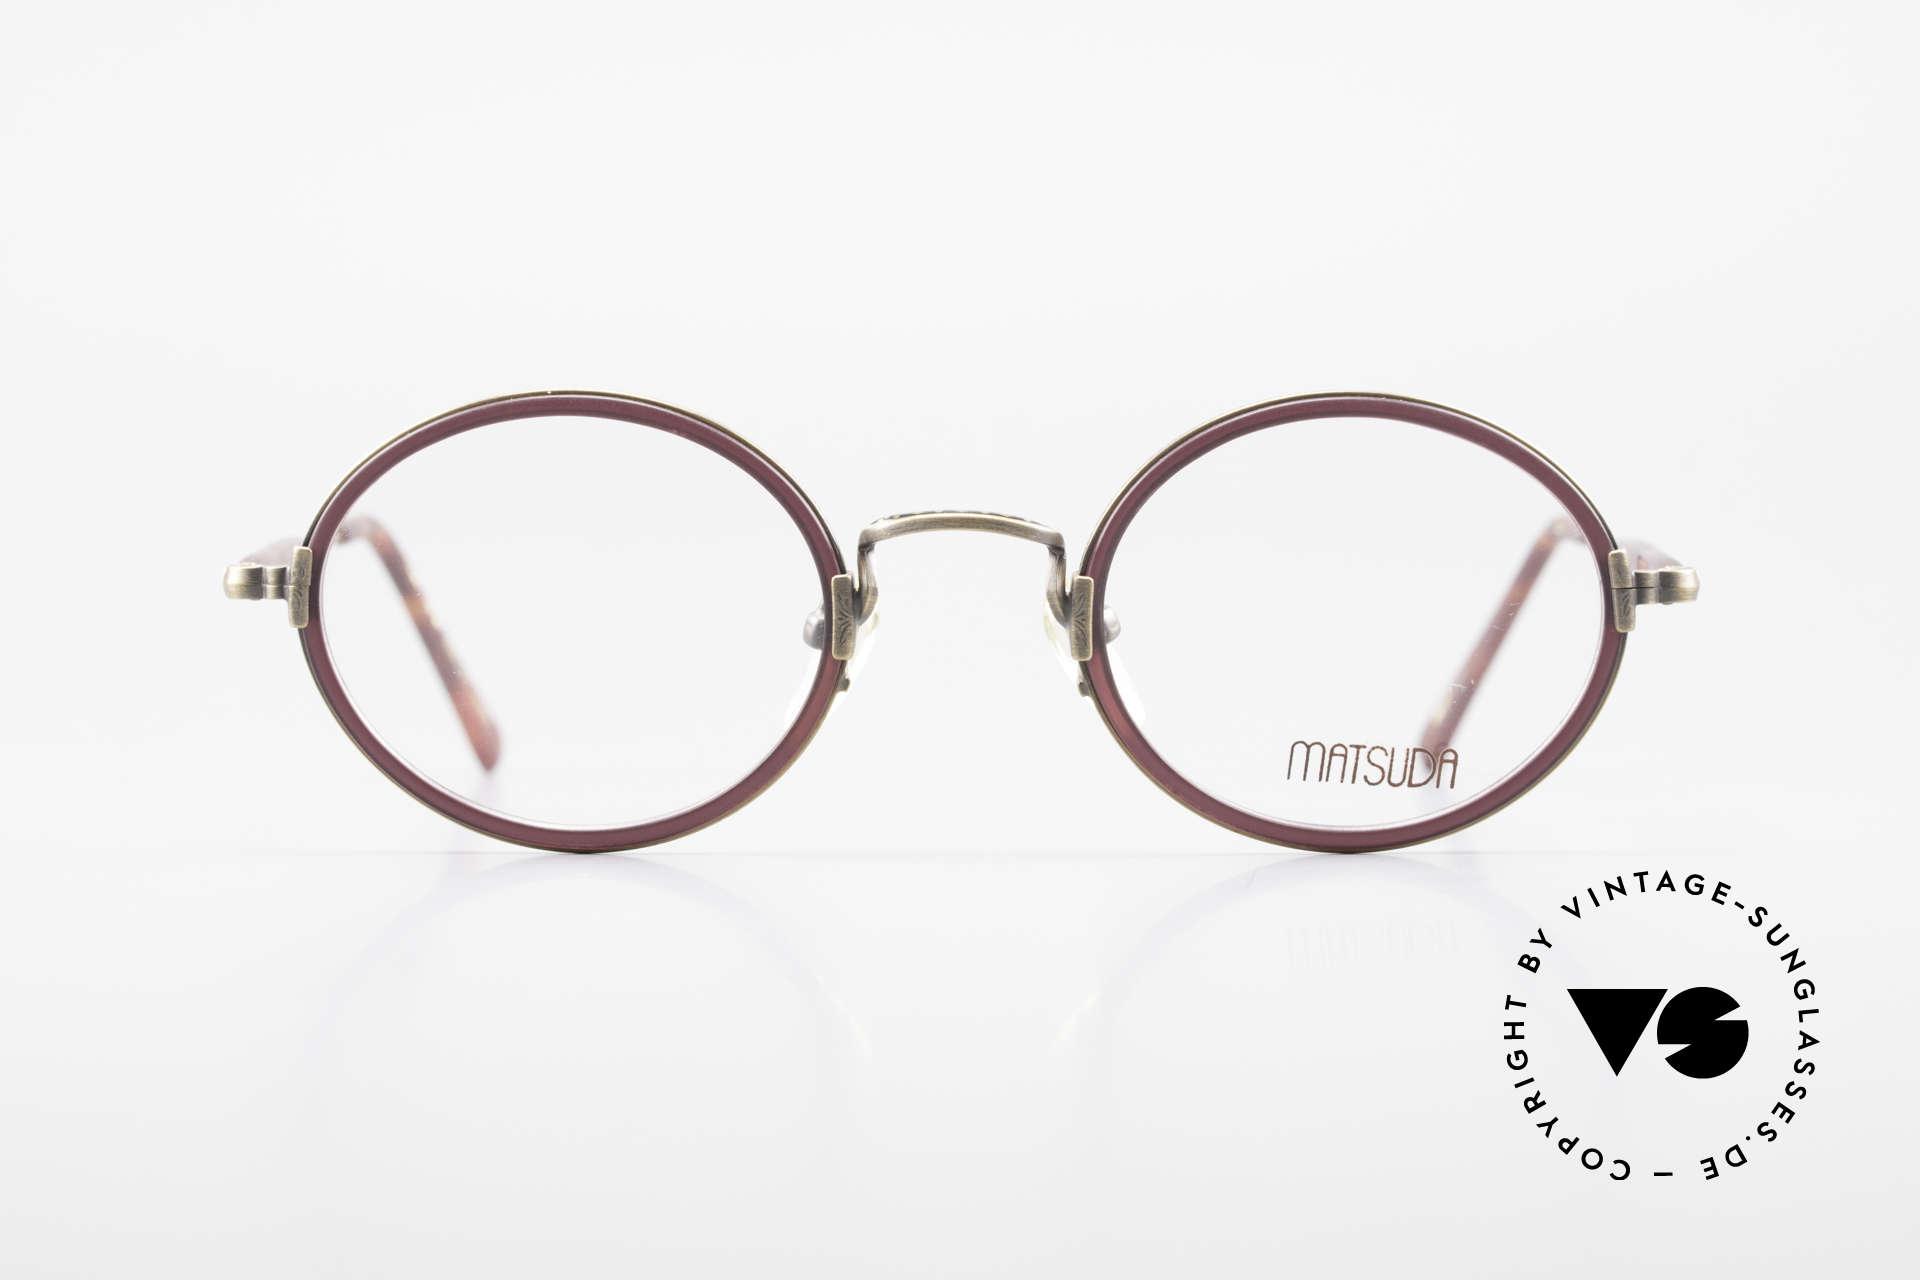 Matsuda 2834 Rund Ovale 90er Luxus Brille, MATSUDA: ein Synonym für aufwändige Handwerkskunst, Passend für Herren und Damen